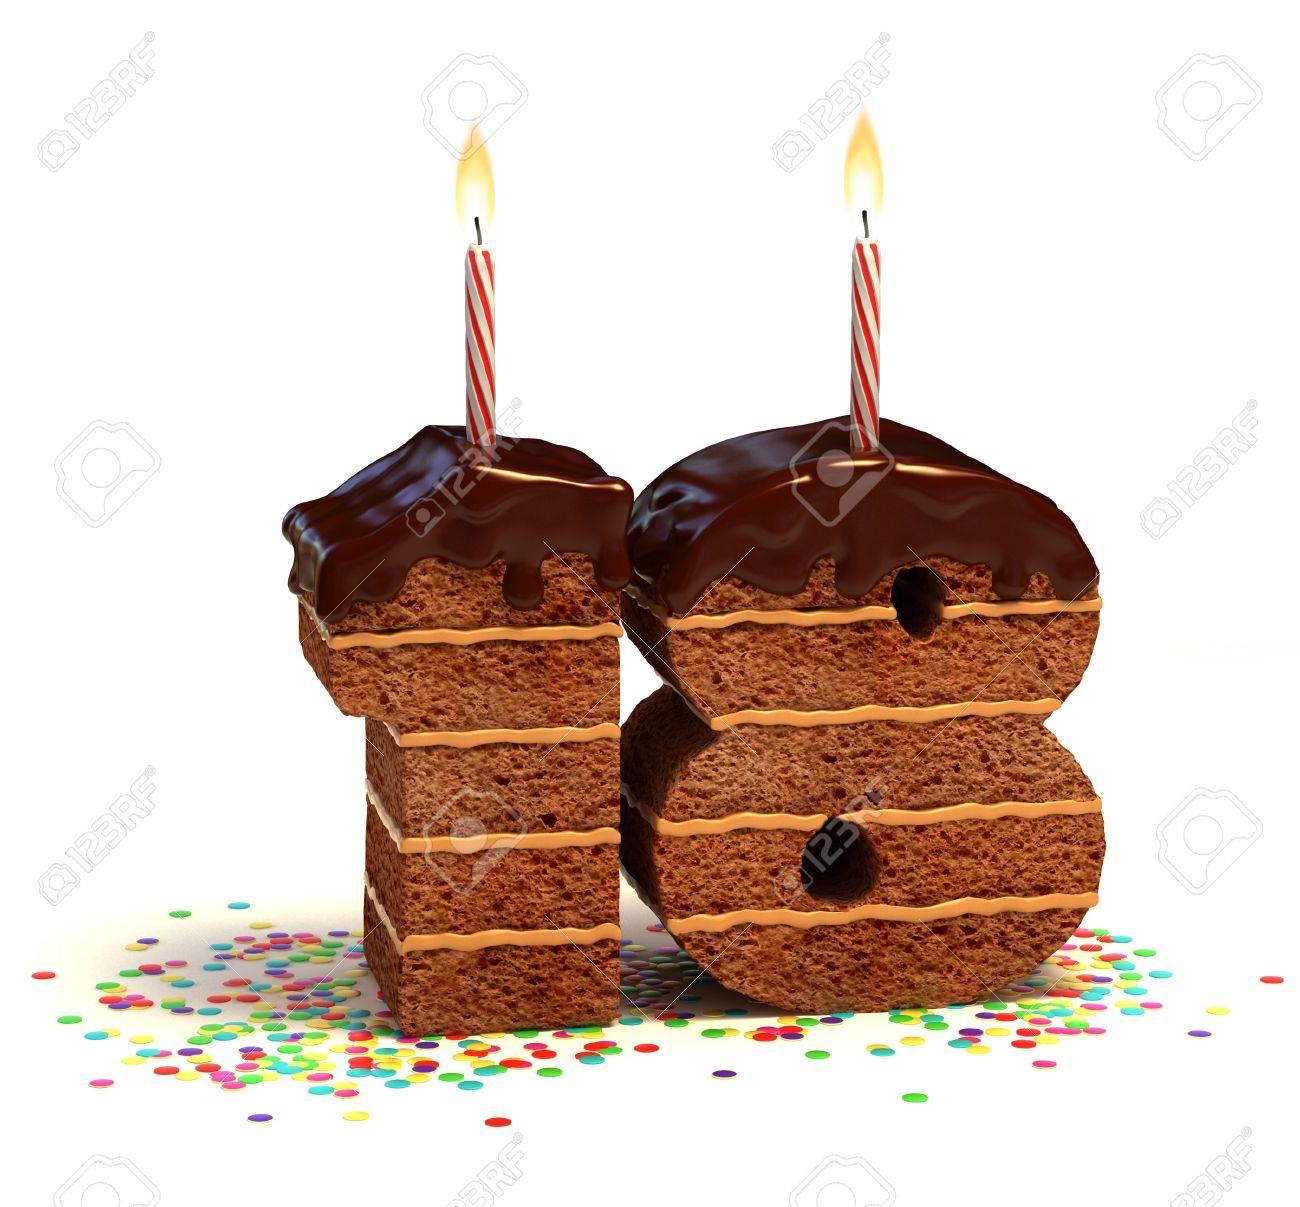 Chocolate Birthday Cake Von Konfetti Umgeben Mit Brennenden Kerze Fur Einen Achtzehnten Geburtstag Standard Bild